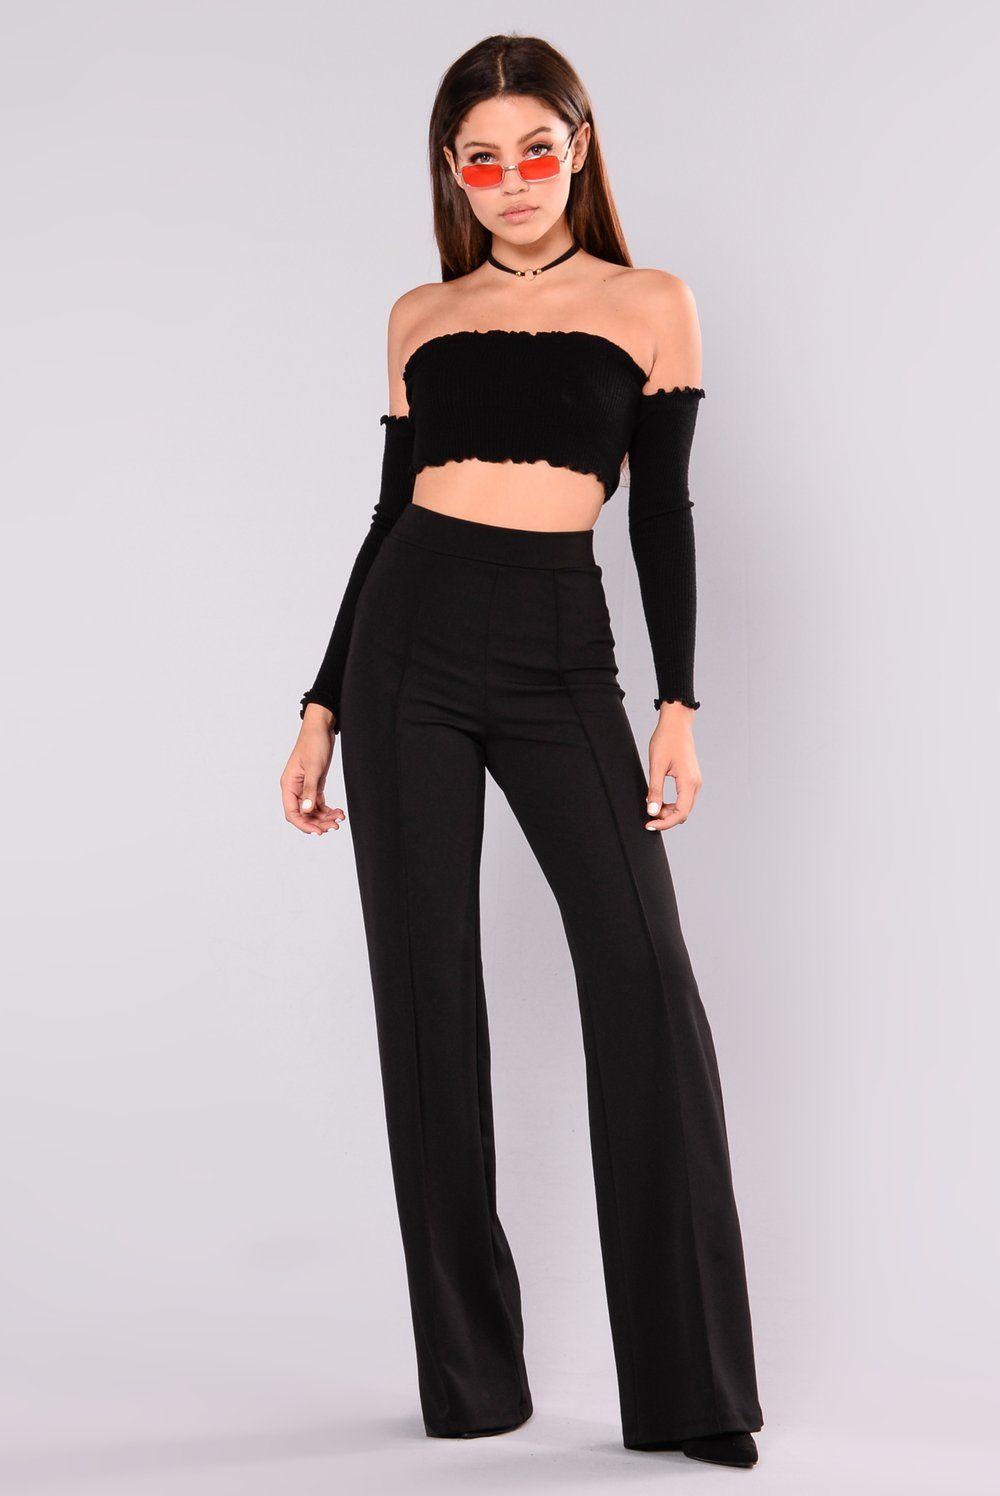 Victoria High Waisted Dress Pants Black High waisted